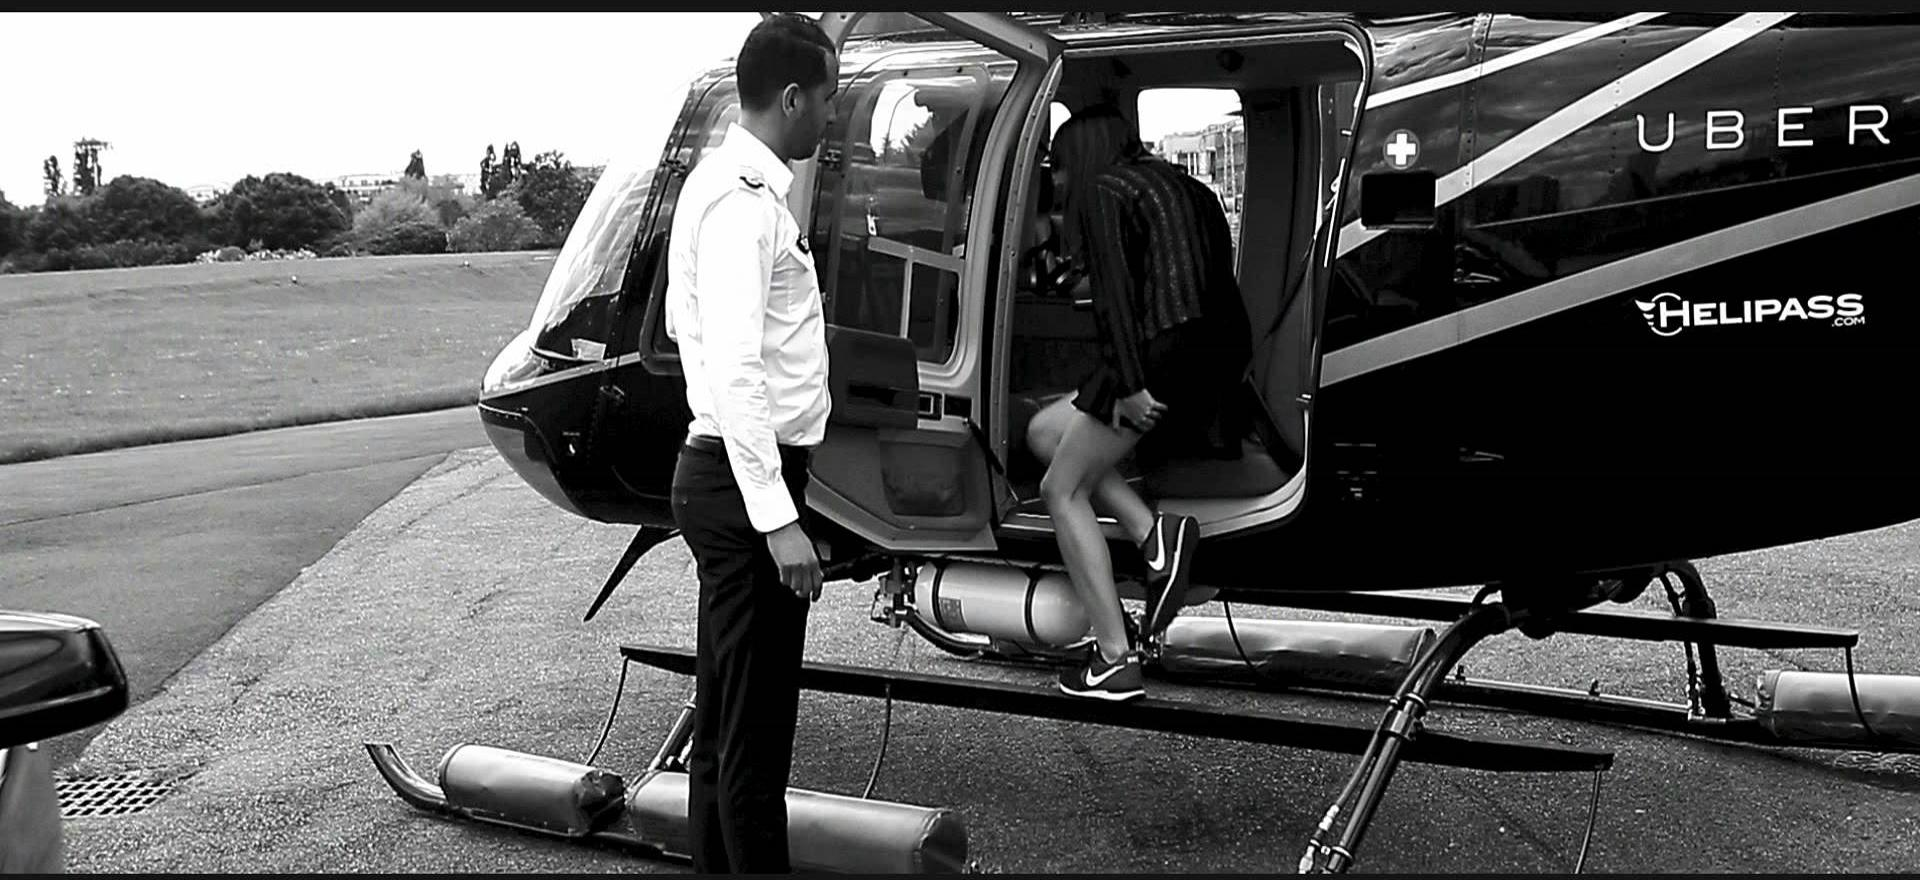 Ubercopter llegó a Brasil con traslados en helicóptero entre hoteles y aeropuertos